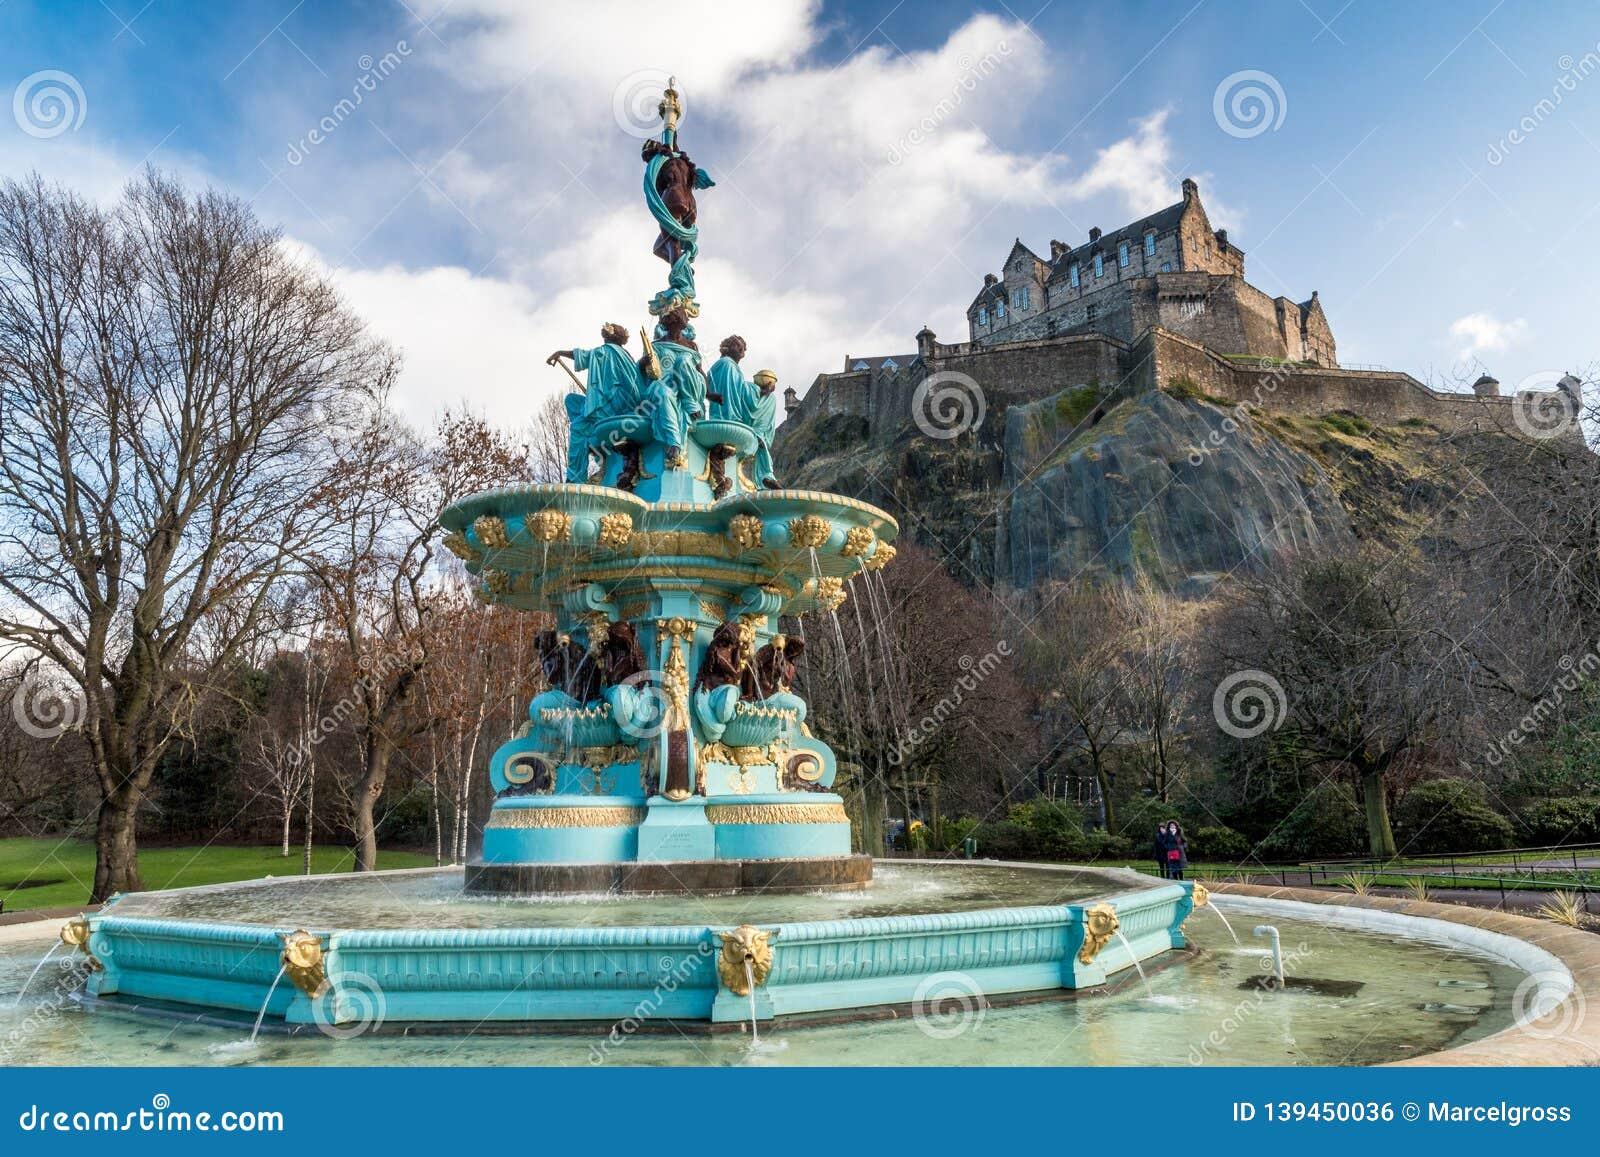 Ross Fountain with Edinburgh Castle